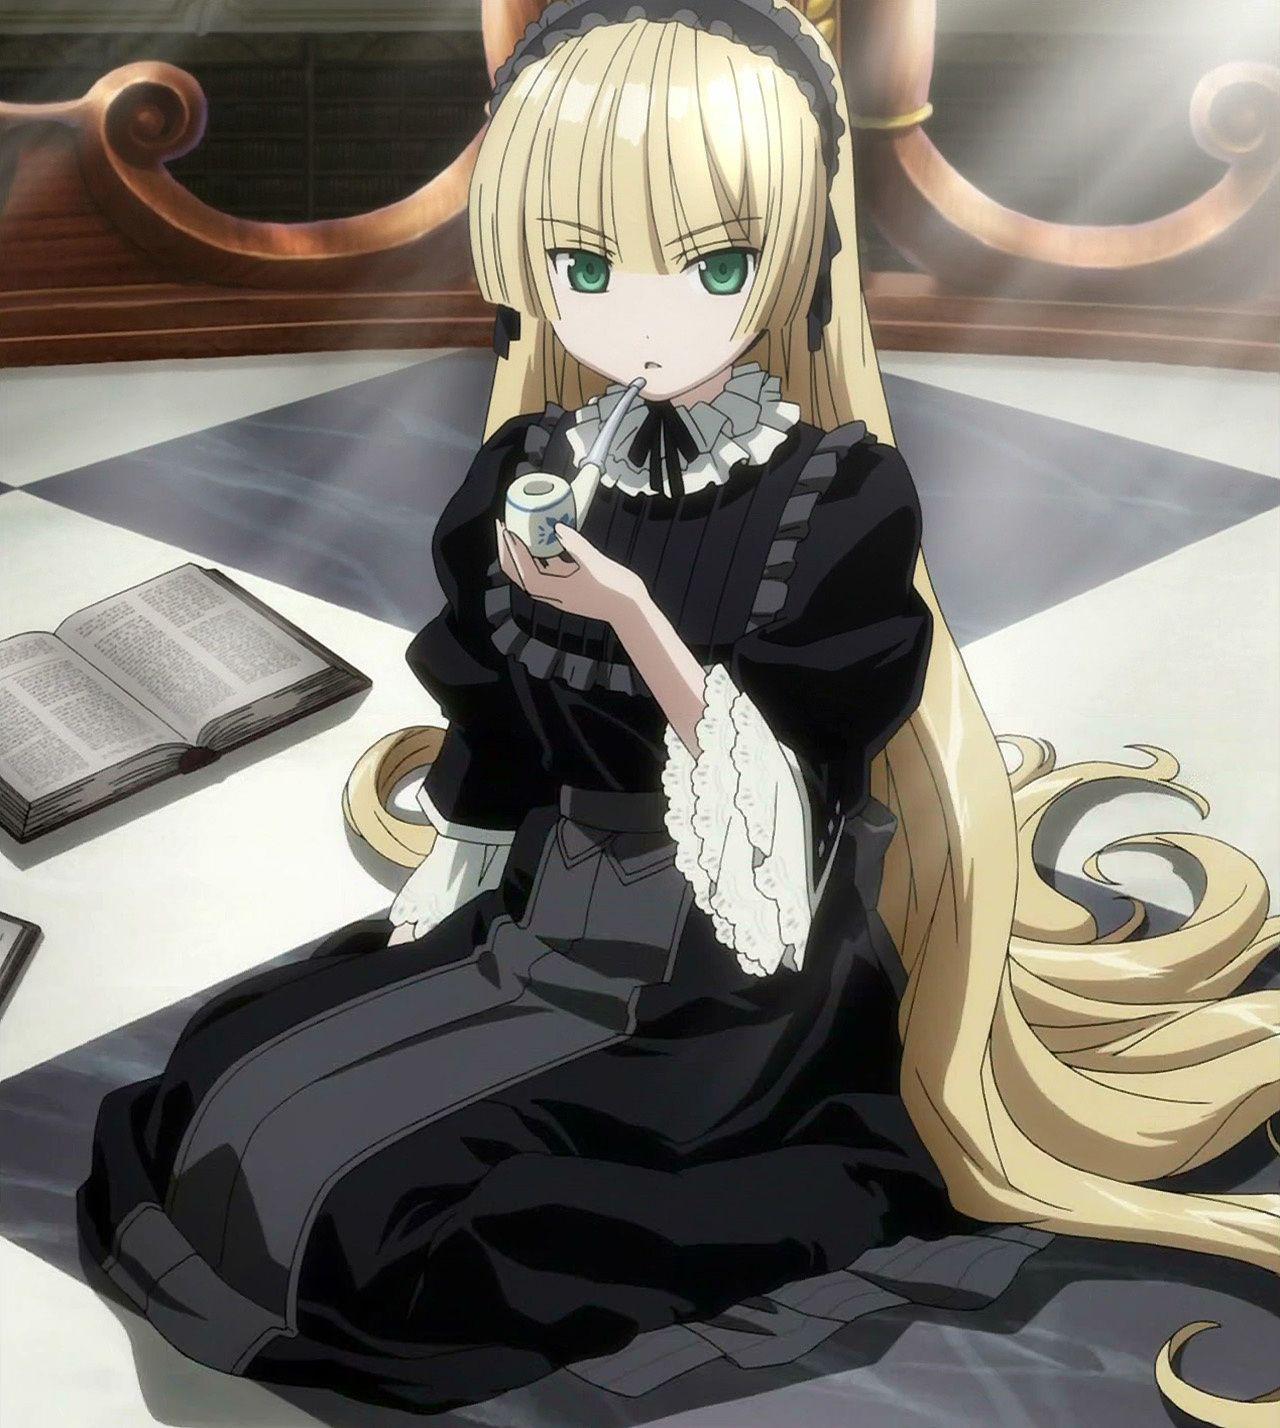 Victorique de Blois, Gosick, best anime characters ɾ⚈ ⚈ɹ